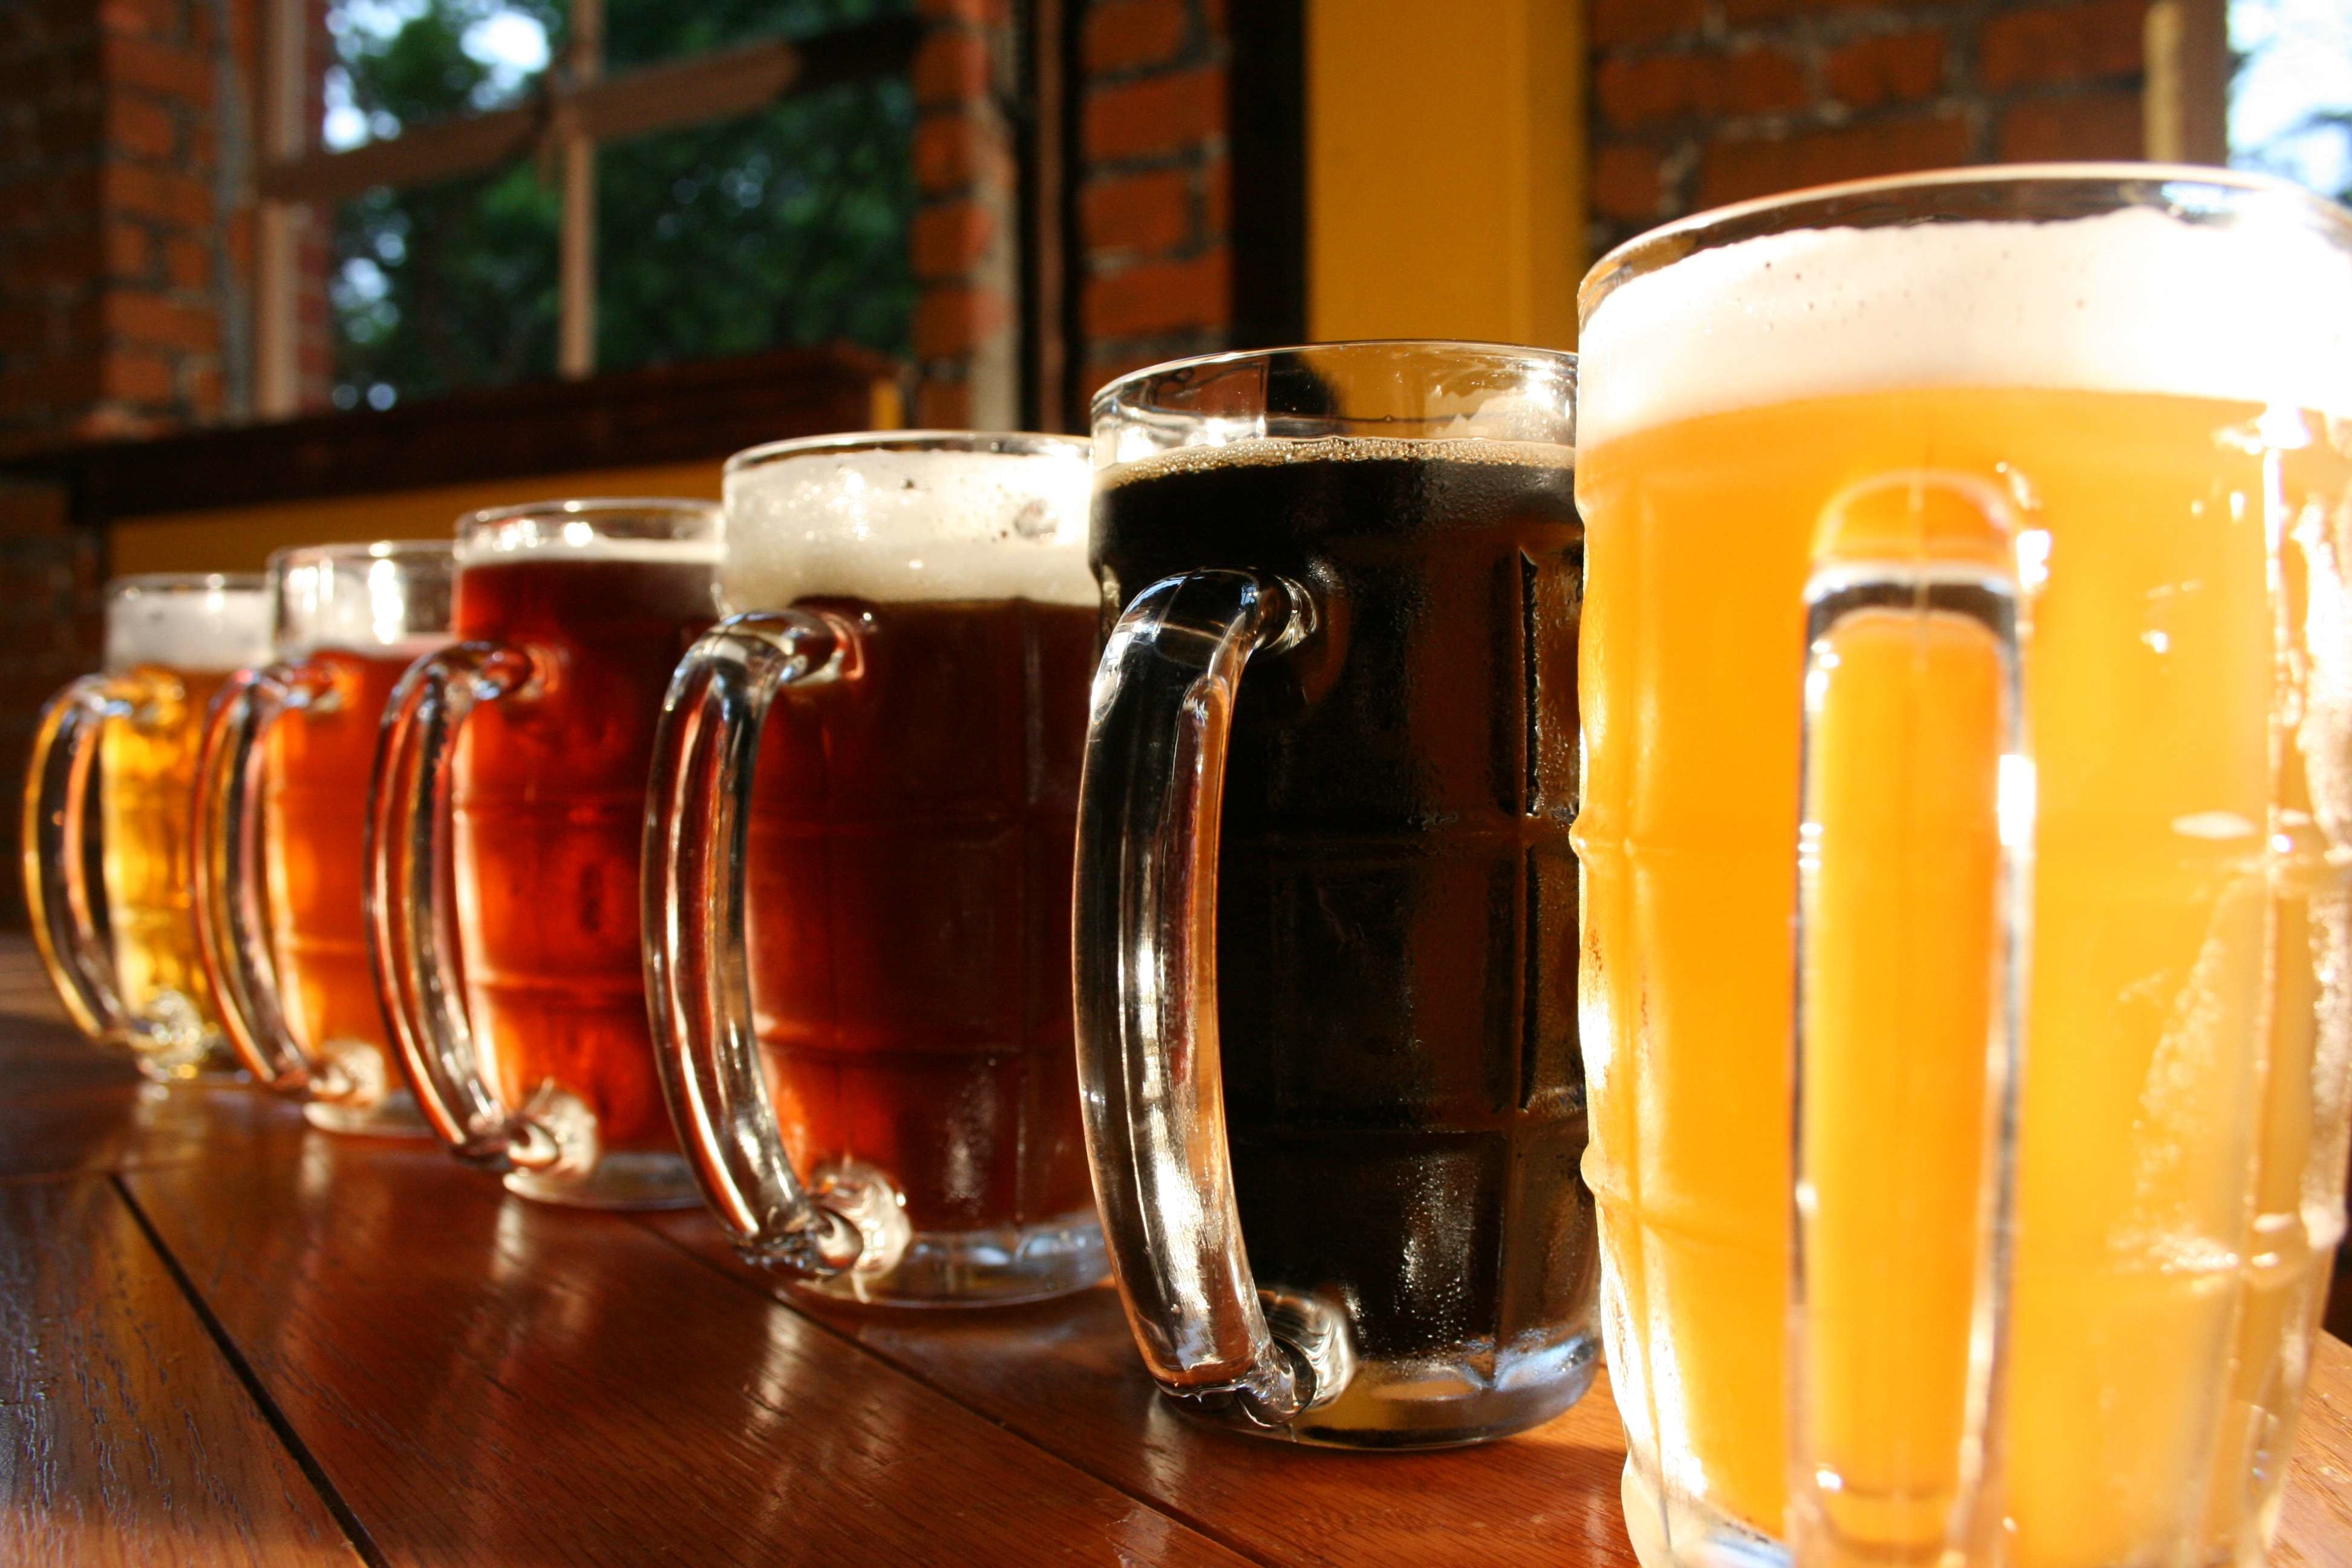 победы картинки про пиво в хорошем качестве весь металл